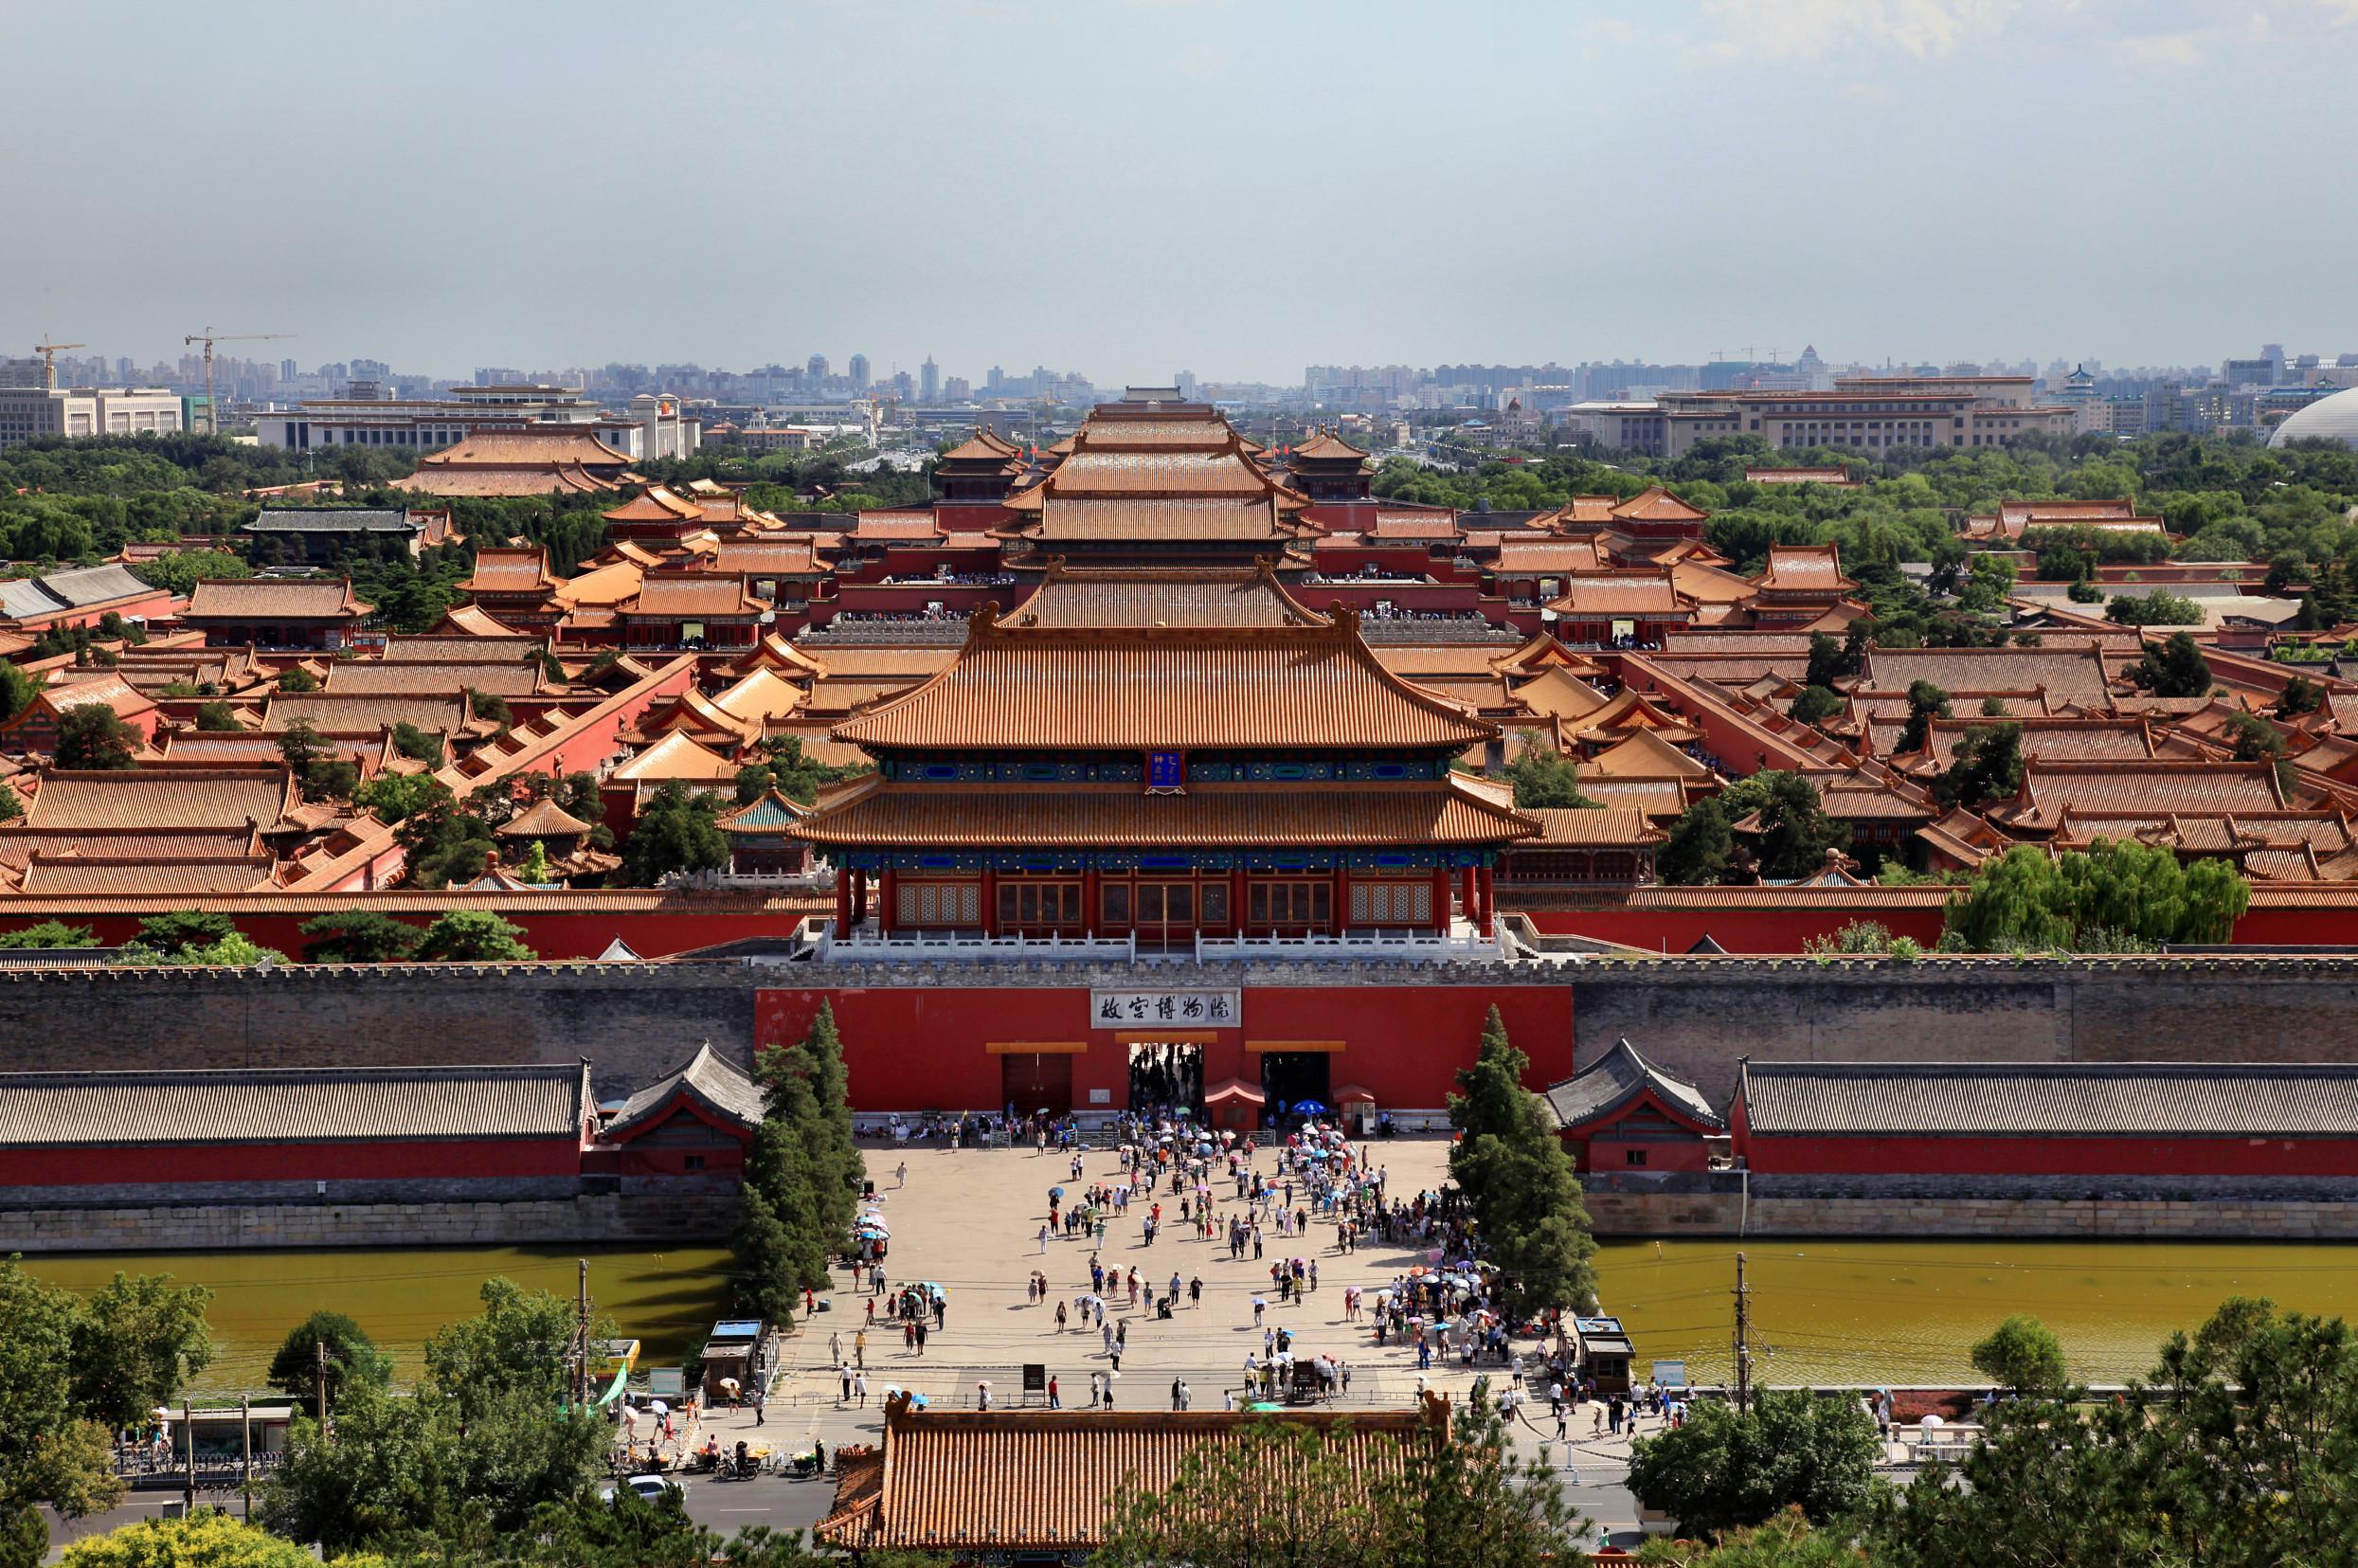 北京故宫、颐和园、长城、鸟巢5日高铁跟团游[全程无强制购物0自费]漫游京城、品京城特色美食、观故宫、爬长城、体验帝都文化!